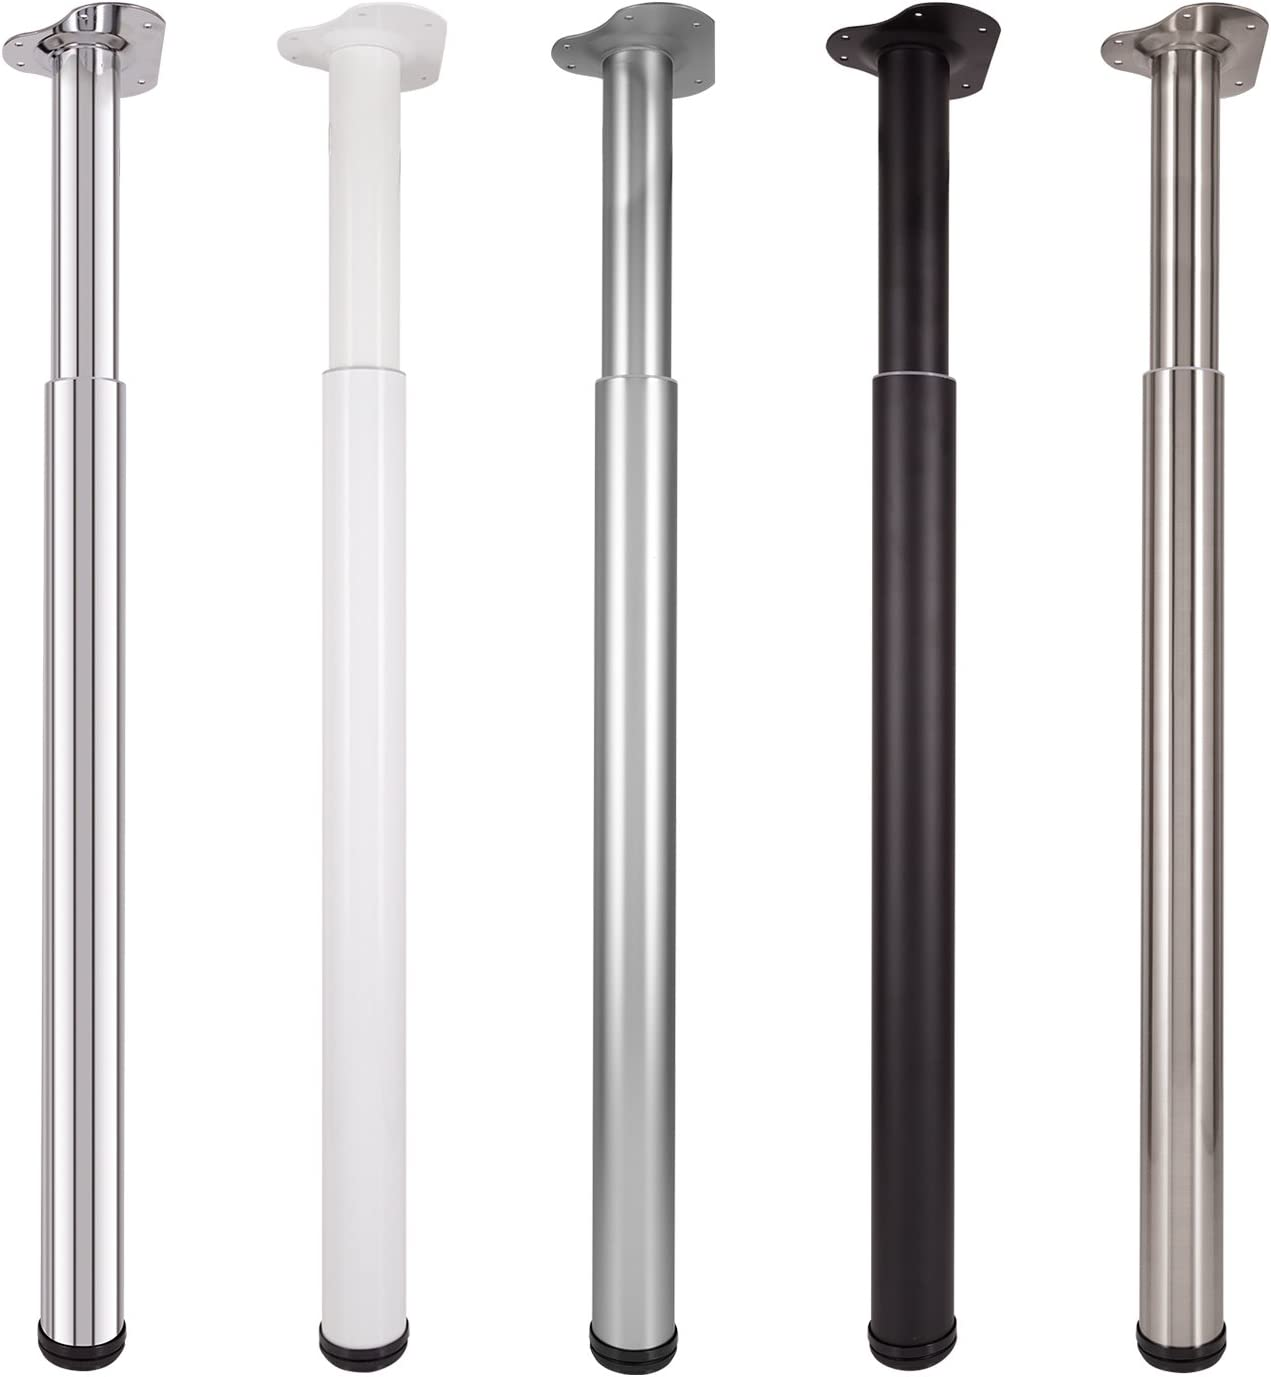 Pied de table Ø 60 mm ronderéglable 2-3 cm /& la plaque de montage dévissée